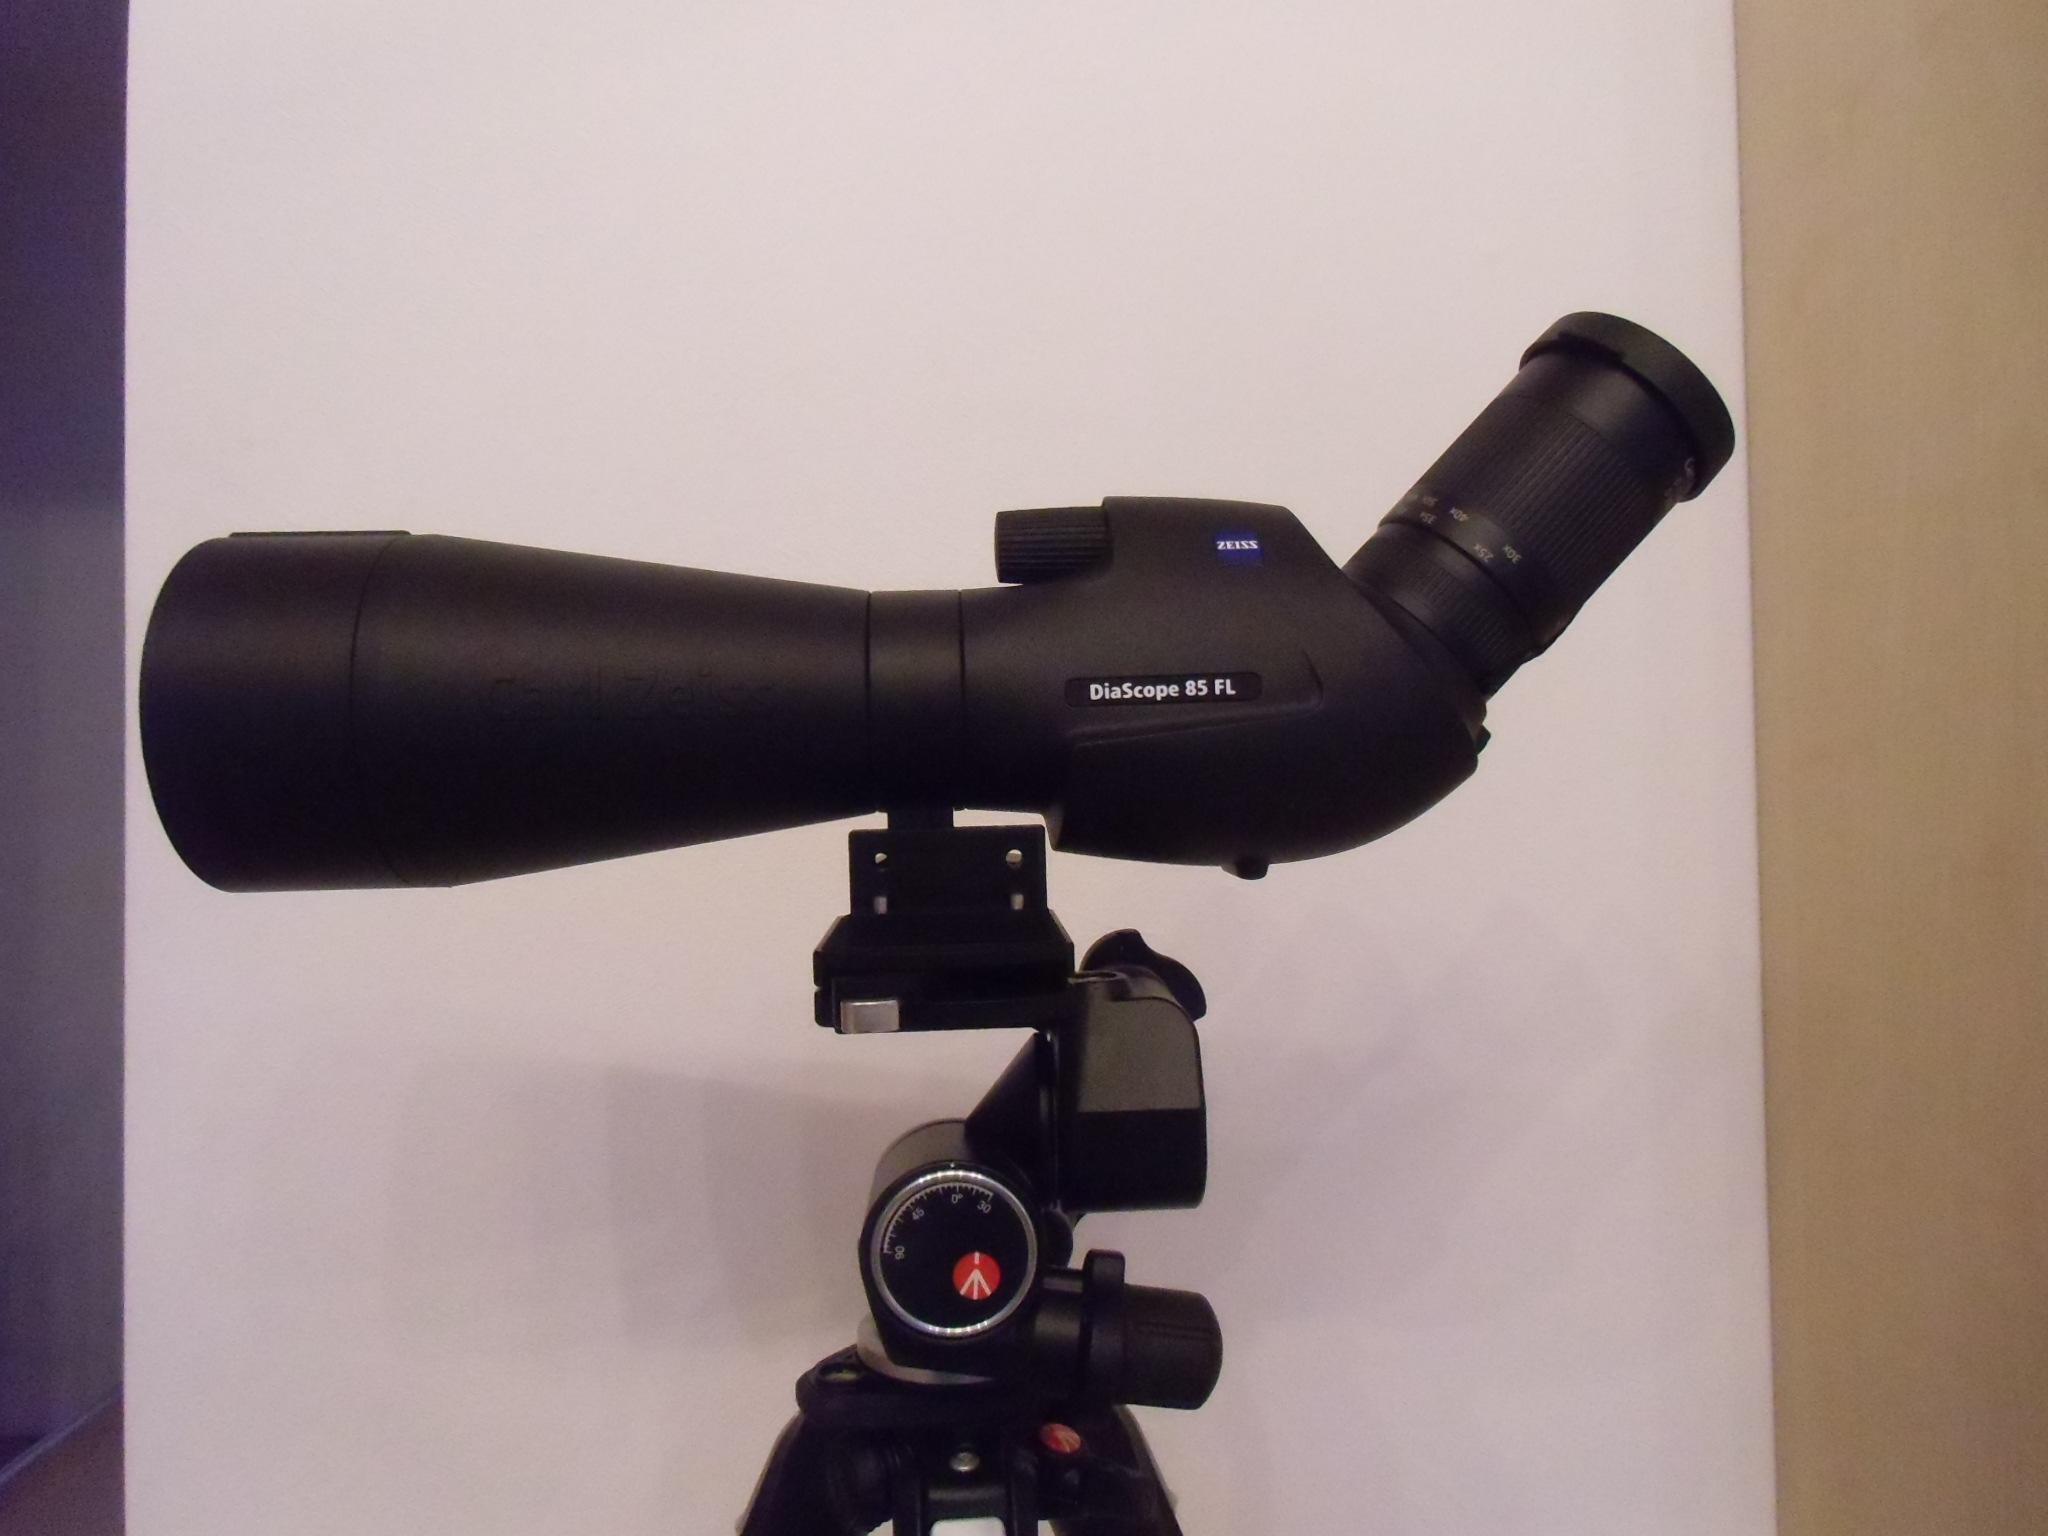 Zeiss Zielfernrohr Mit Entfernungsmesser : Fernglas entfernungsmesser carl zeiss ag teleskop optik